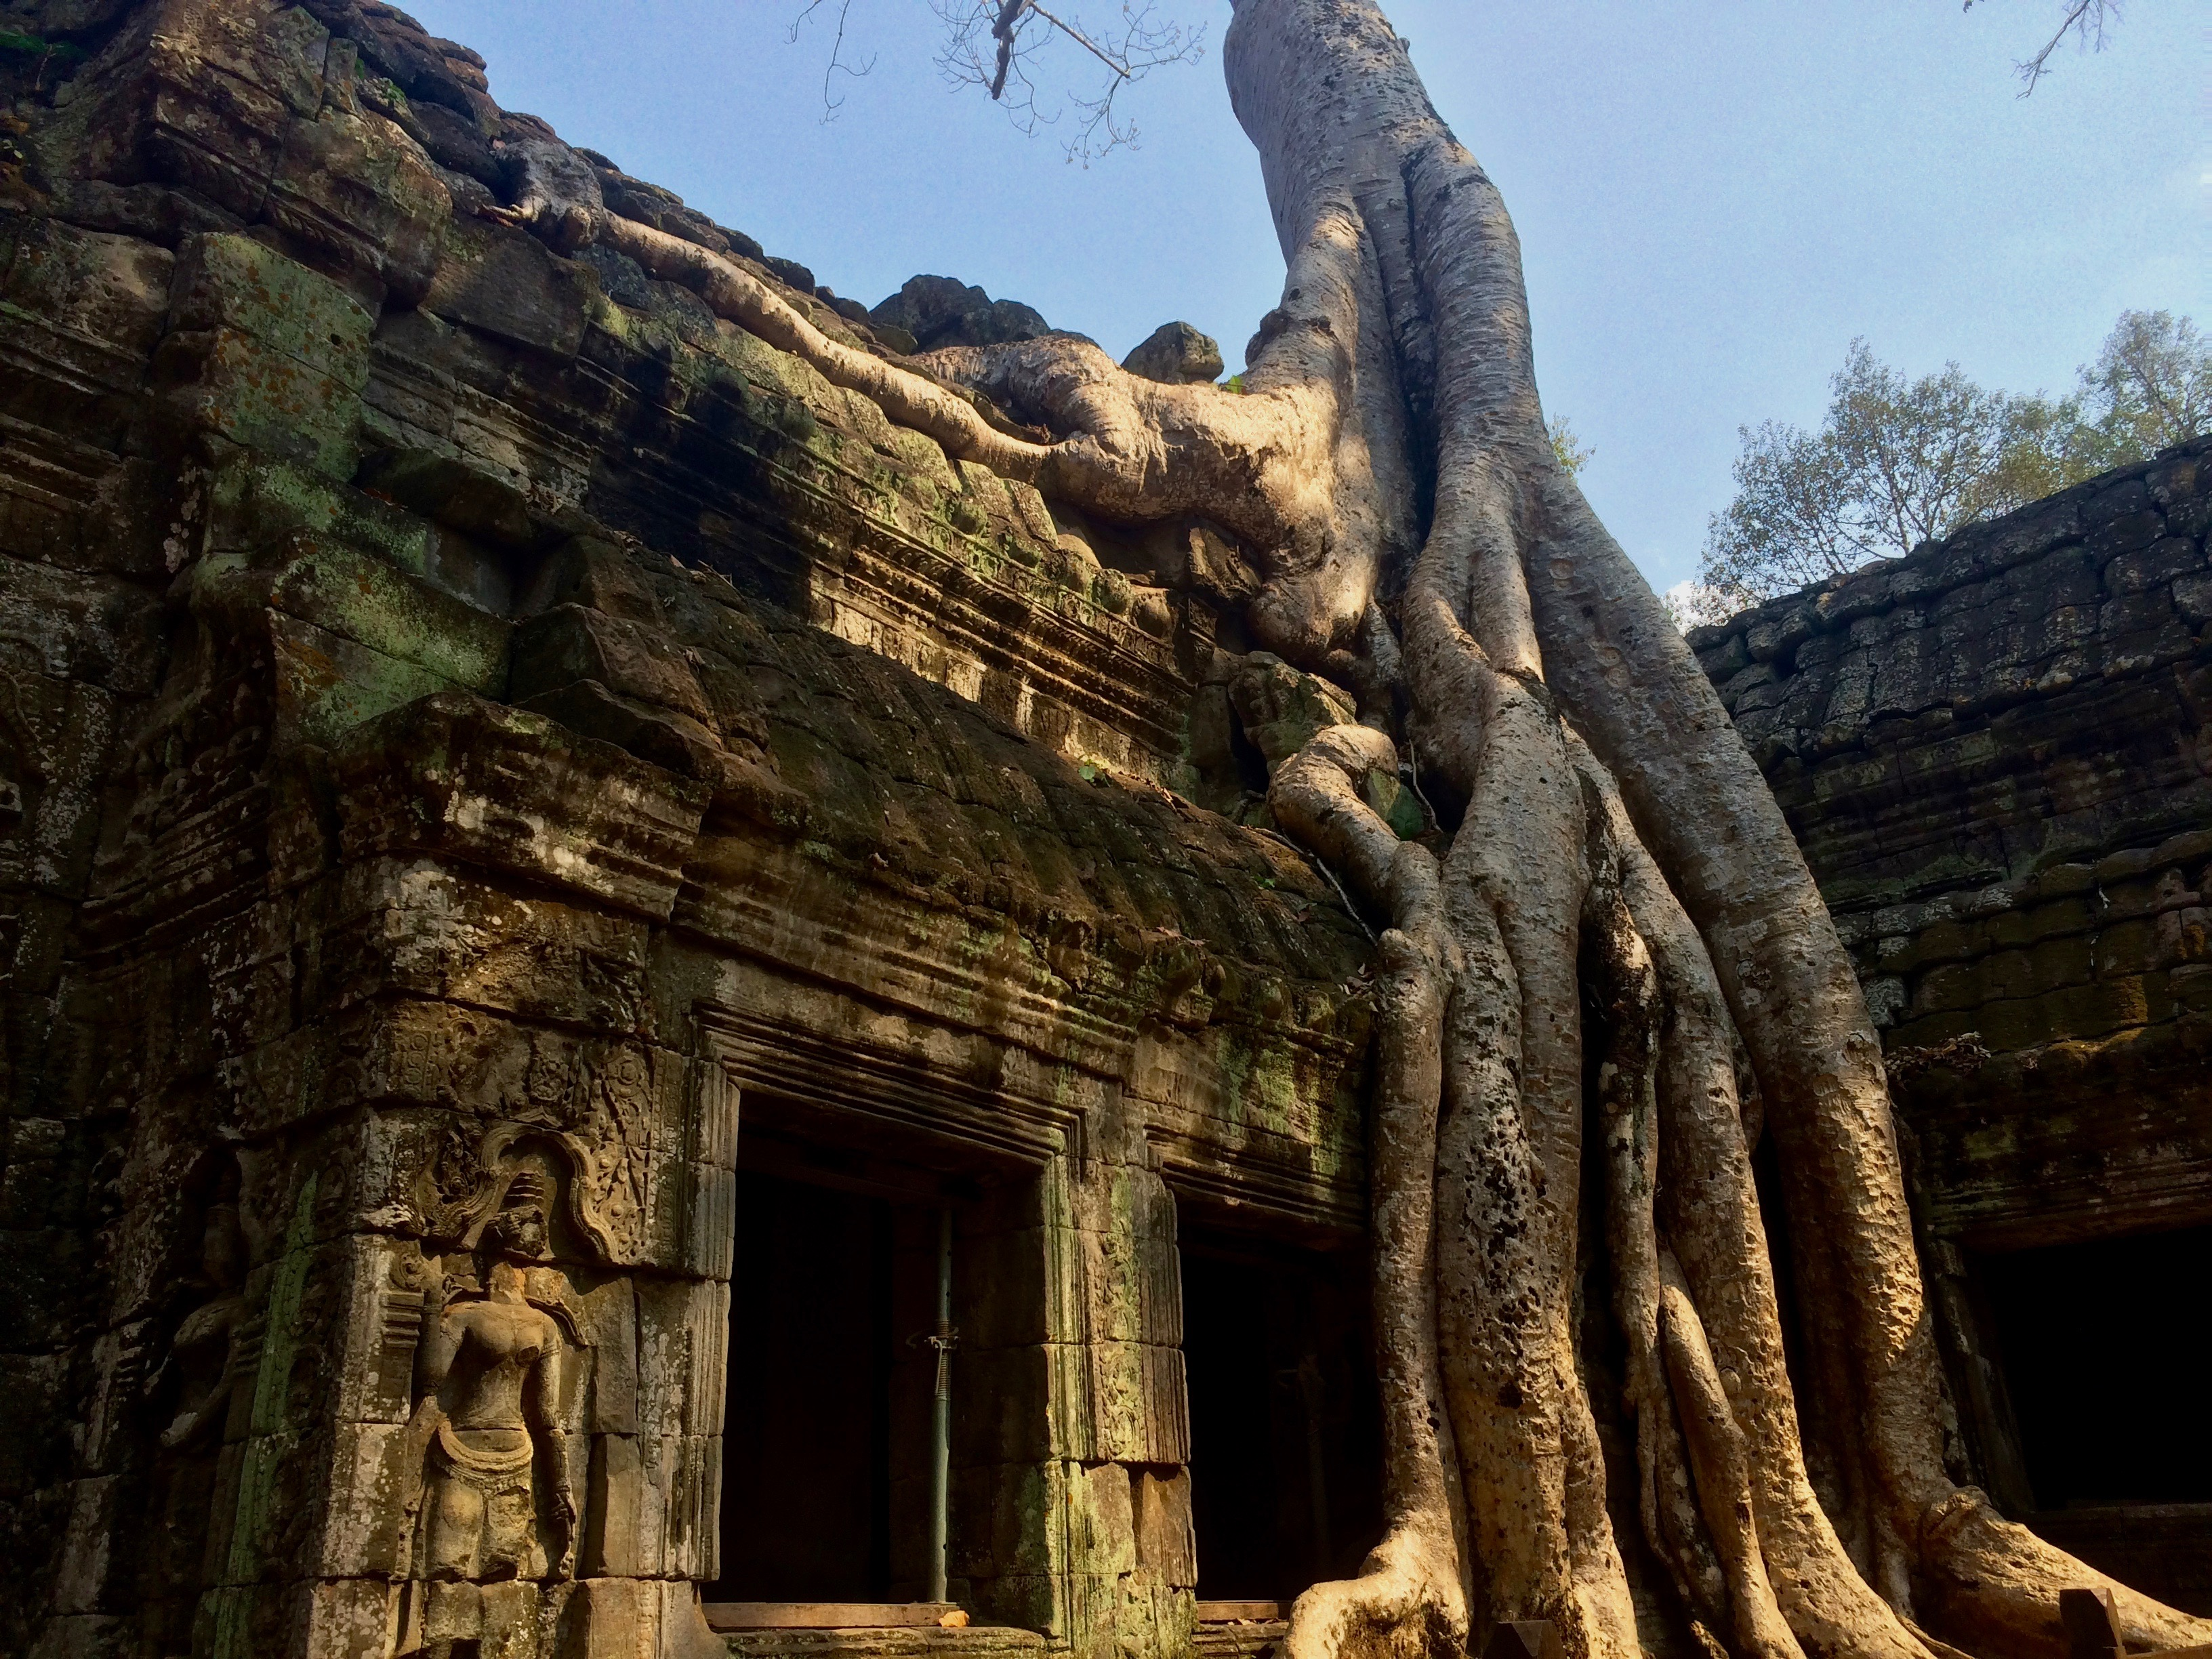 Reisetipp Kambodscha: Angkor Wat gehört auf jede Reiseroute!